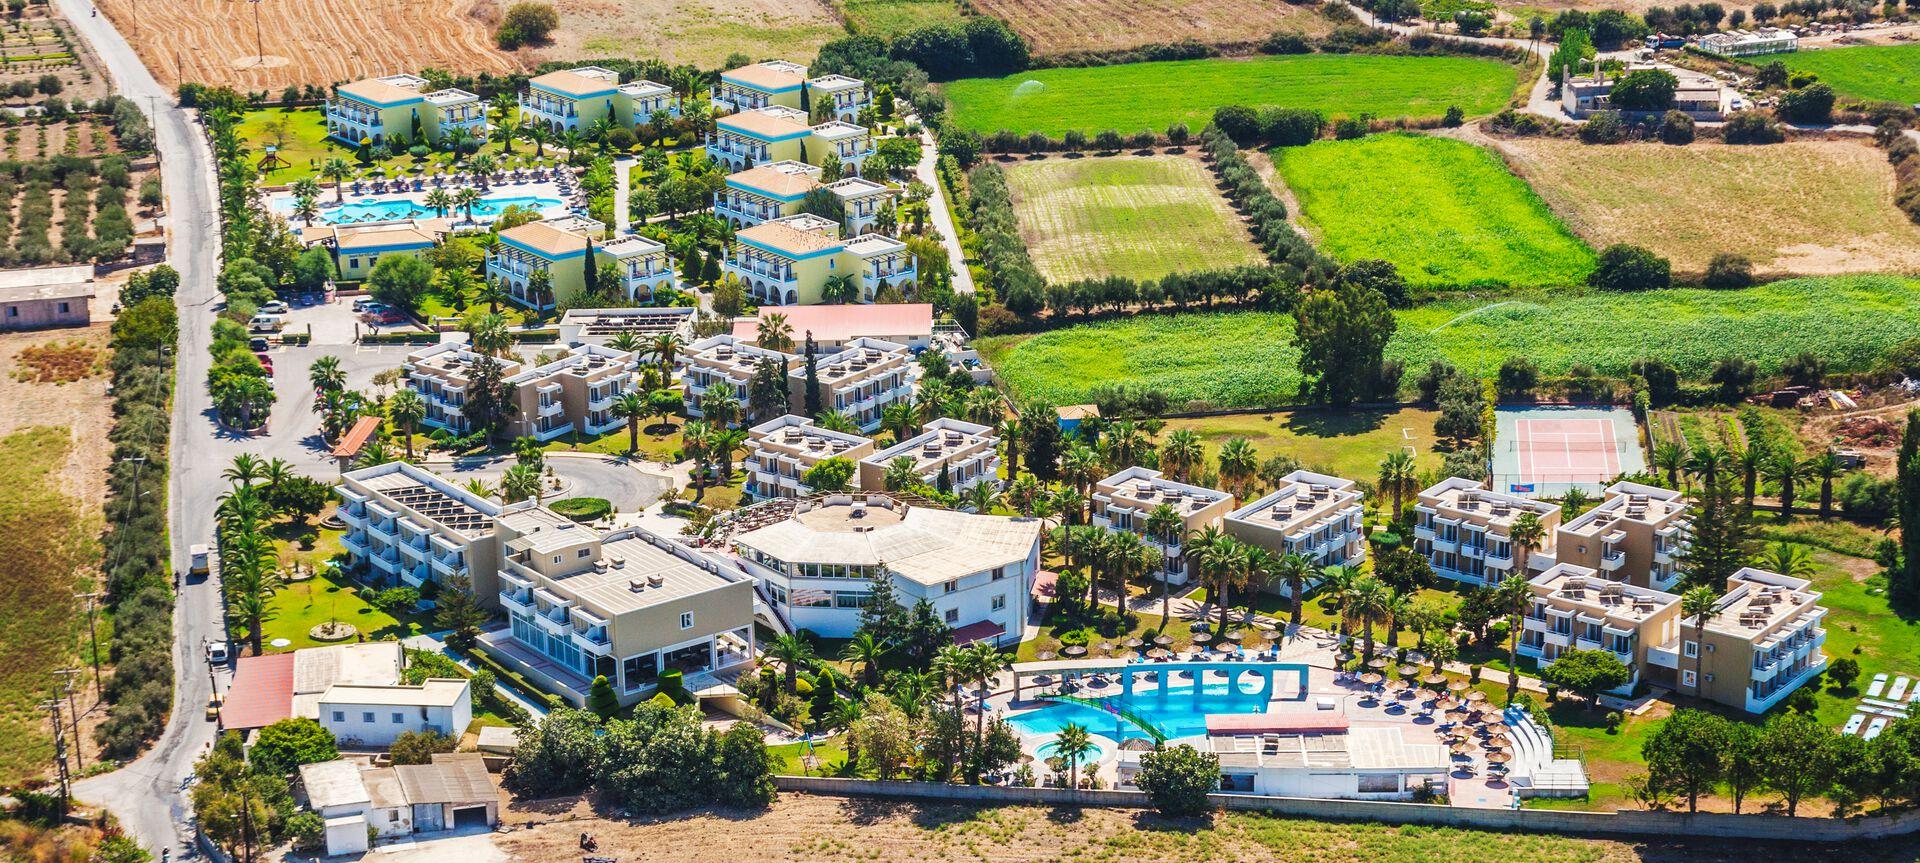 Hotel Corali - 4*